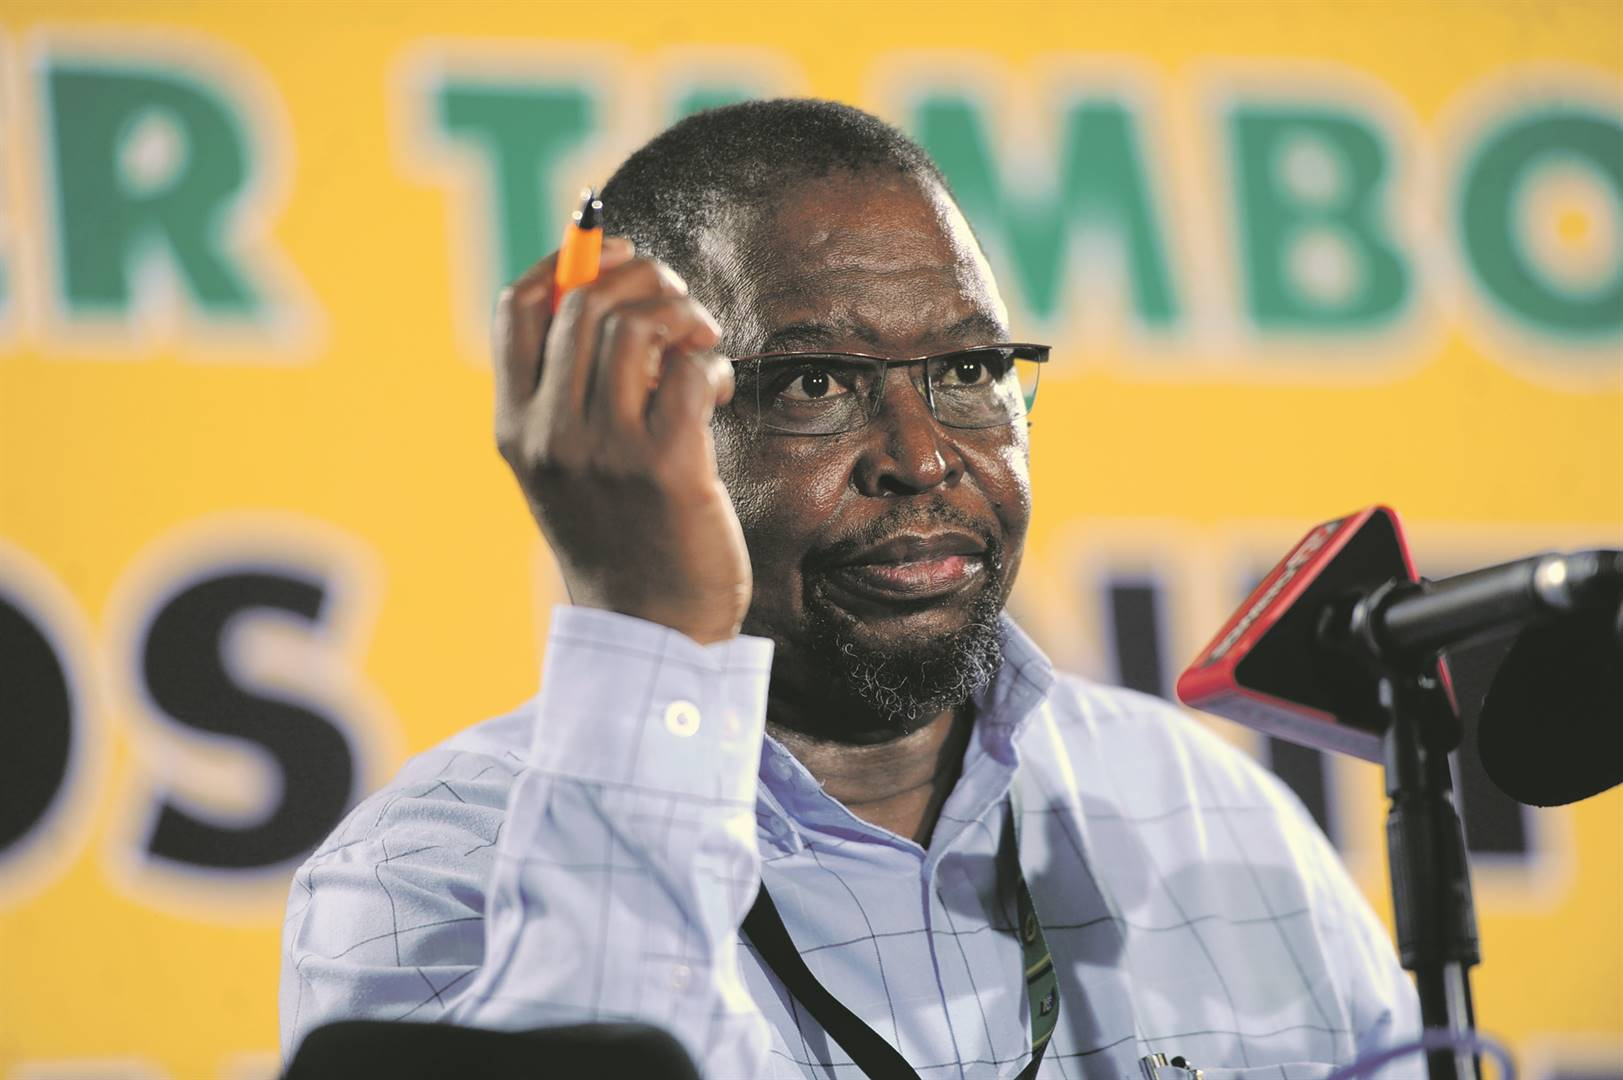 Enoch Godongwana, the new minister of finance. Photo: Jabu Kumalo